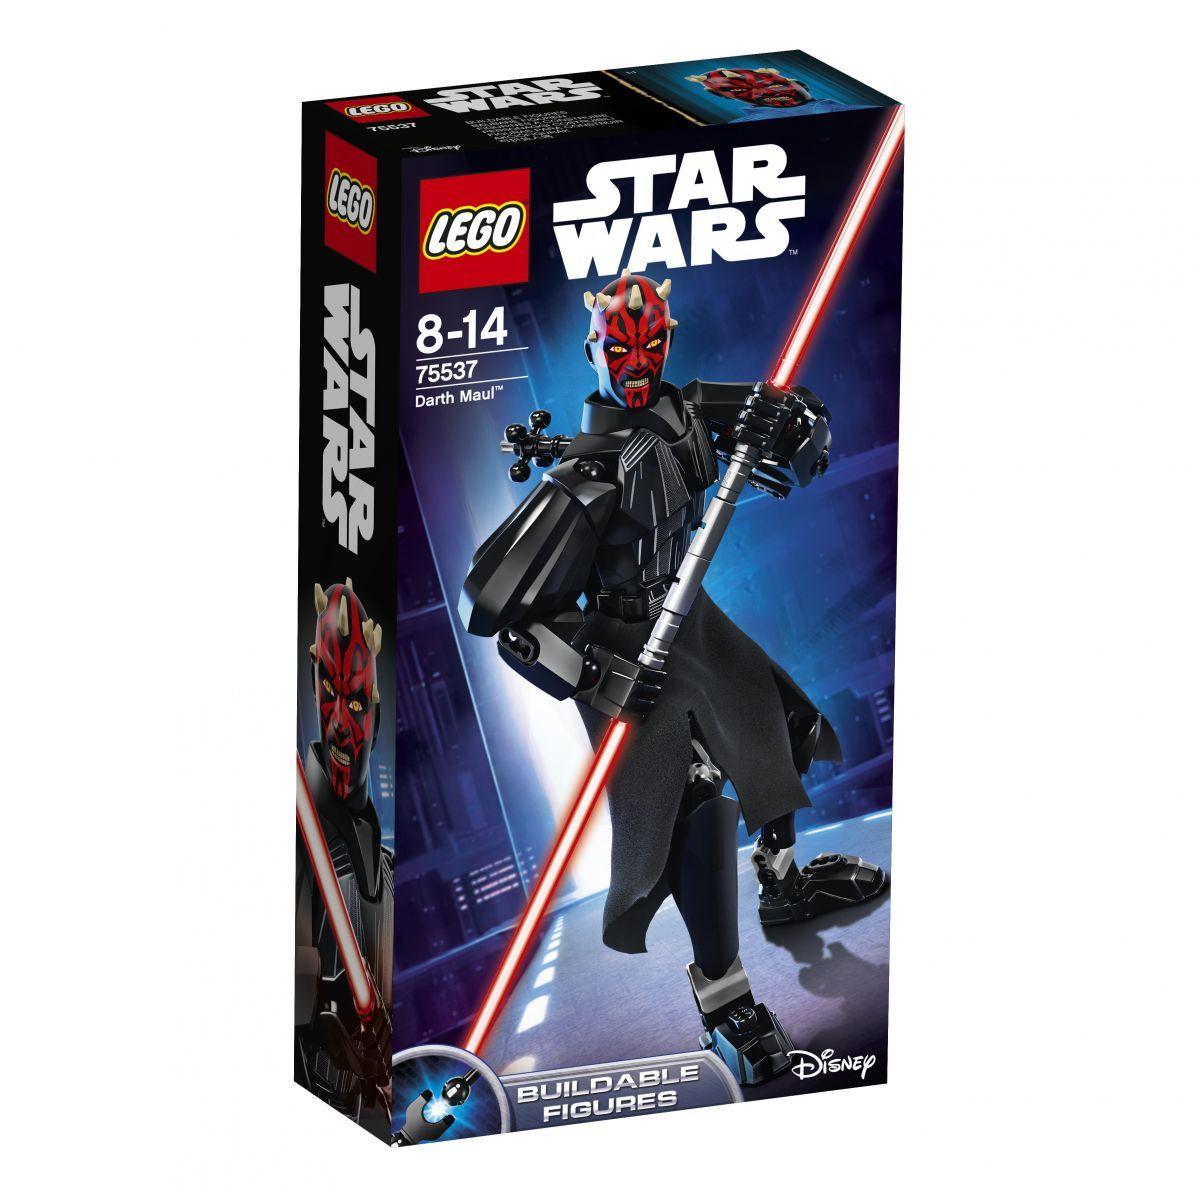 LEGO Star Wars 75537 Darth Maul™